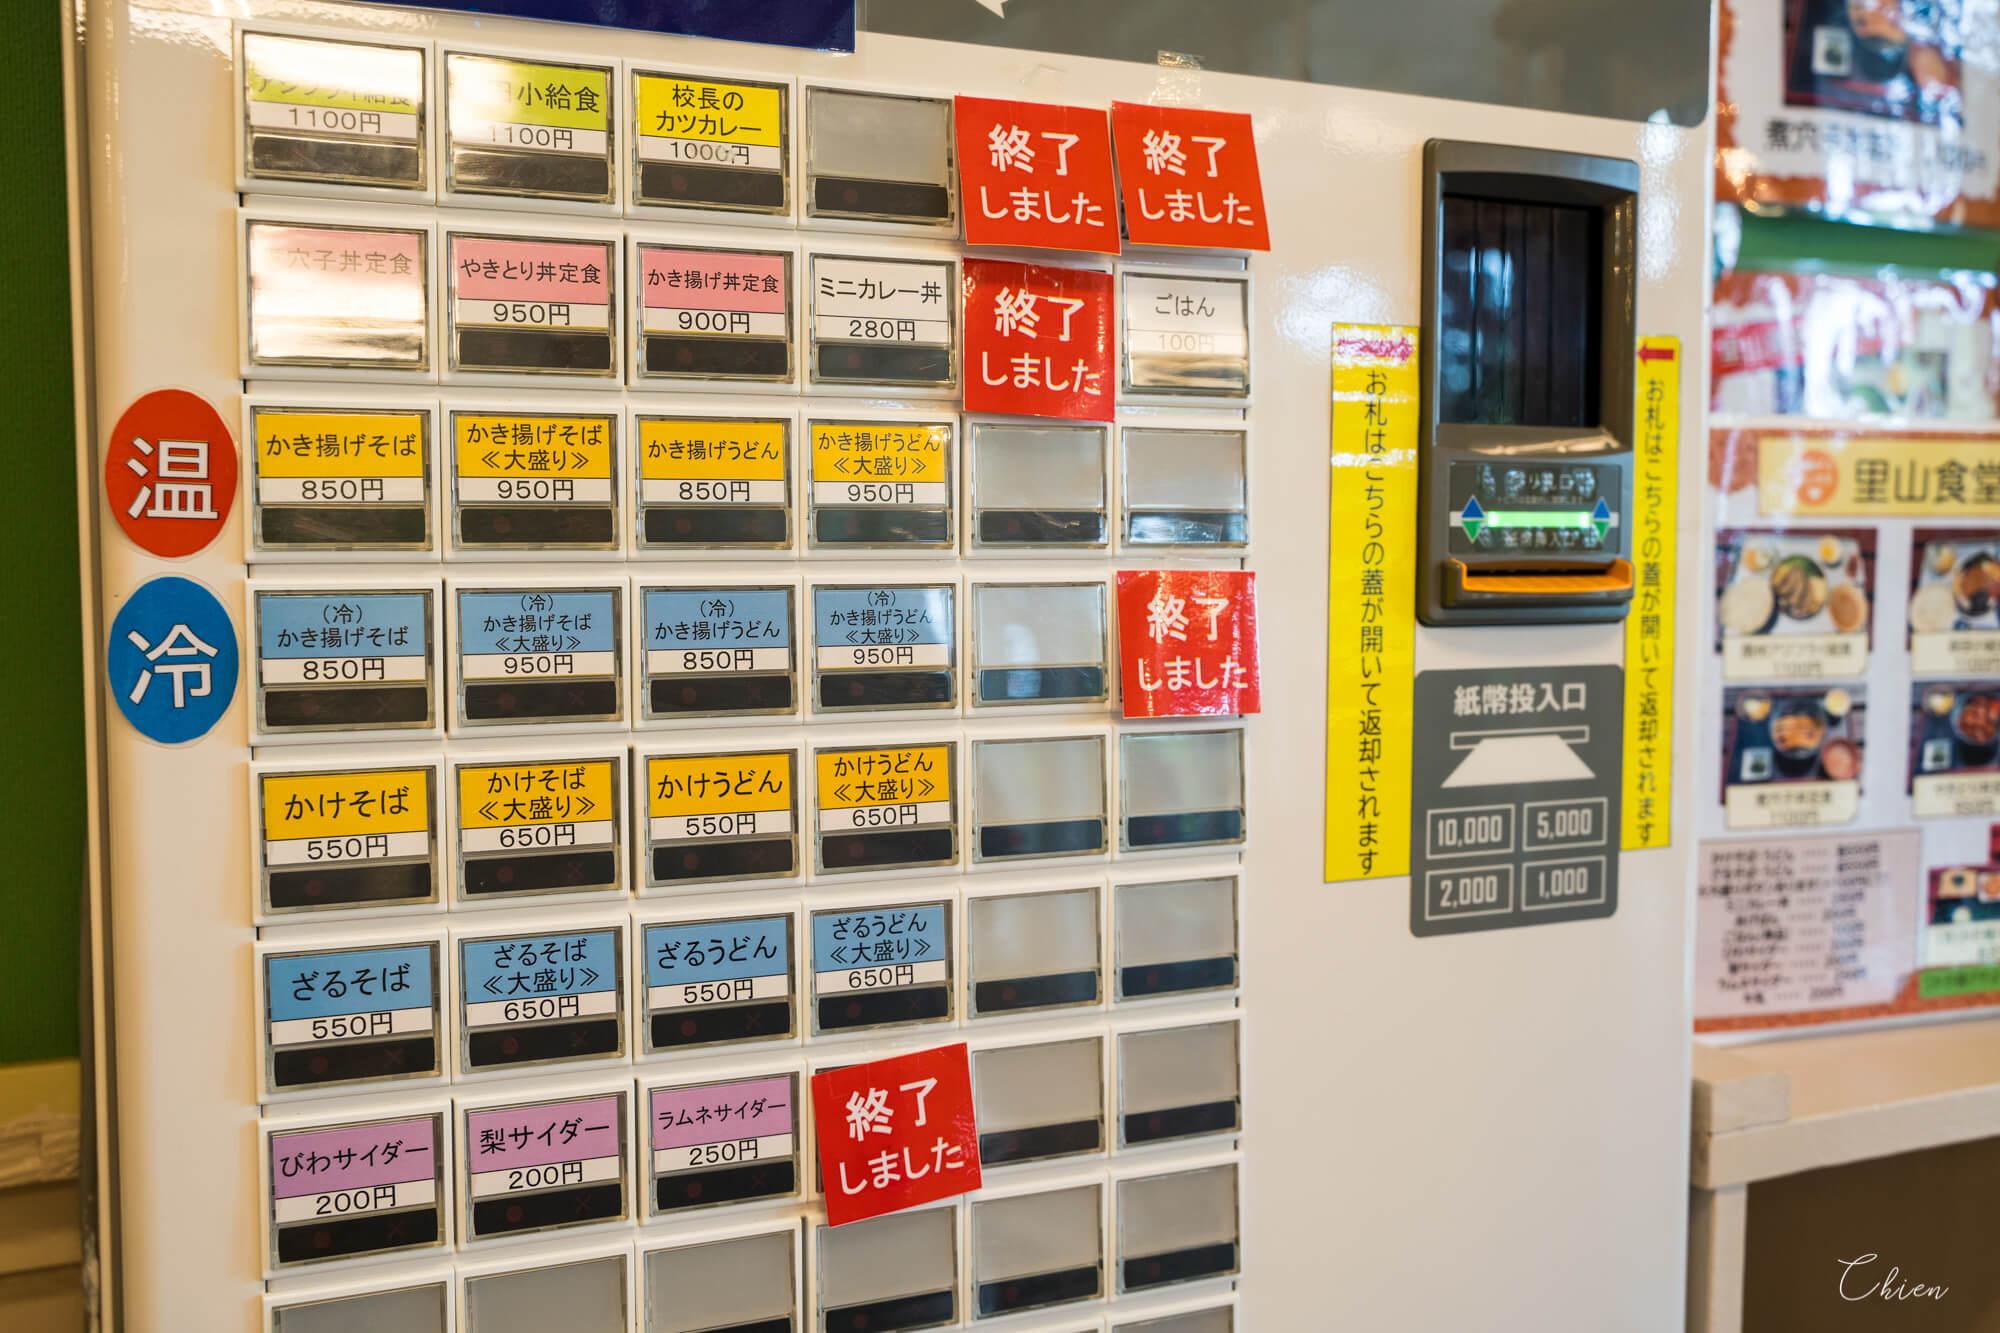 千葉觀光休息站「保田小學」食券機